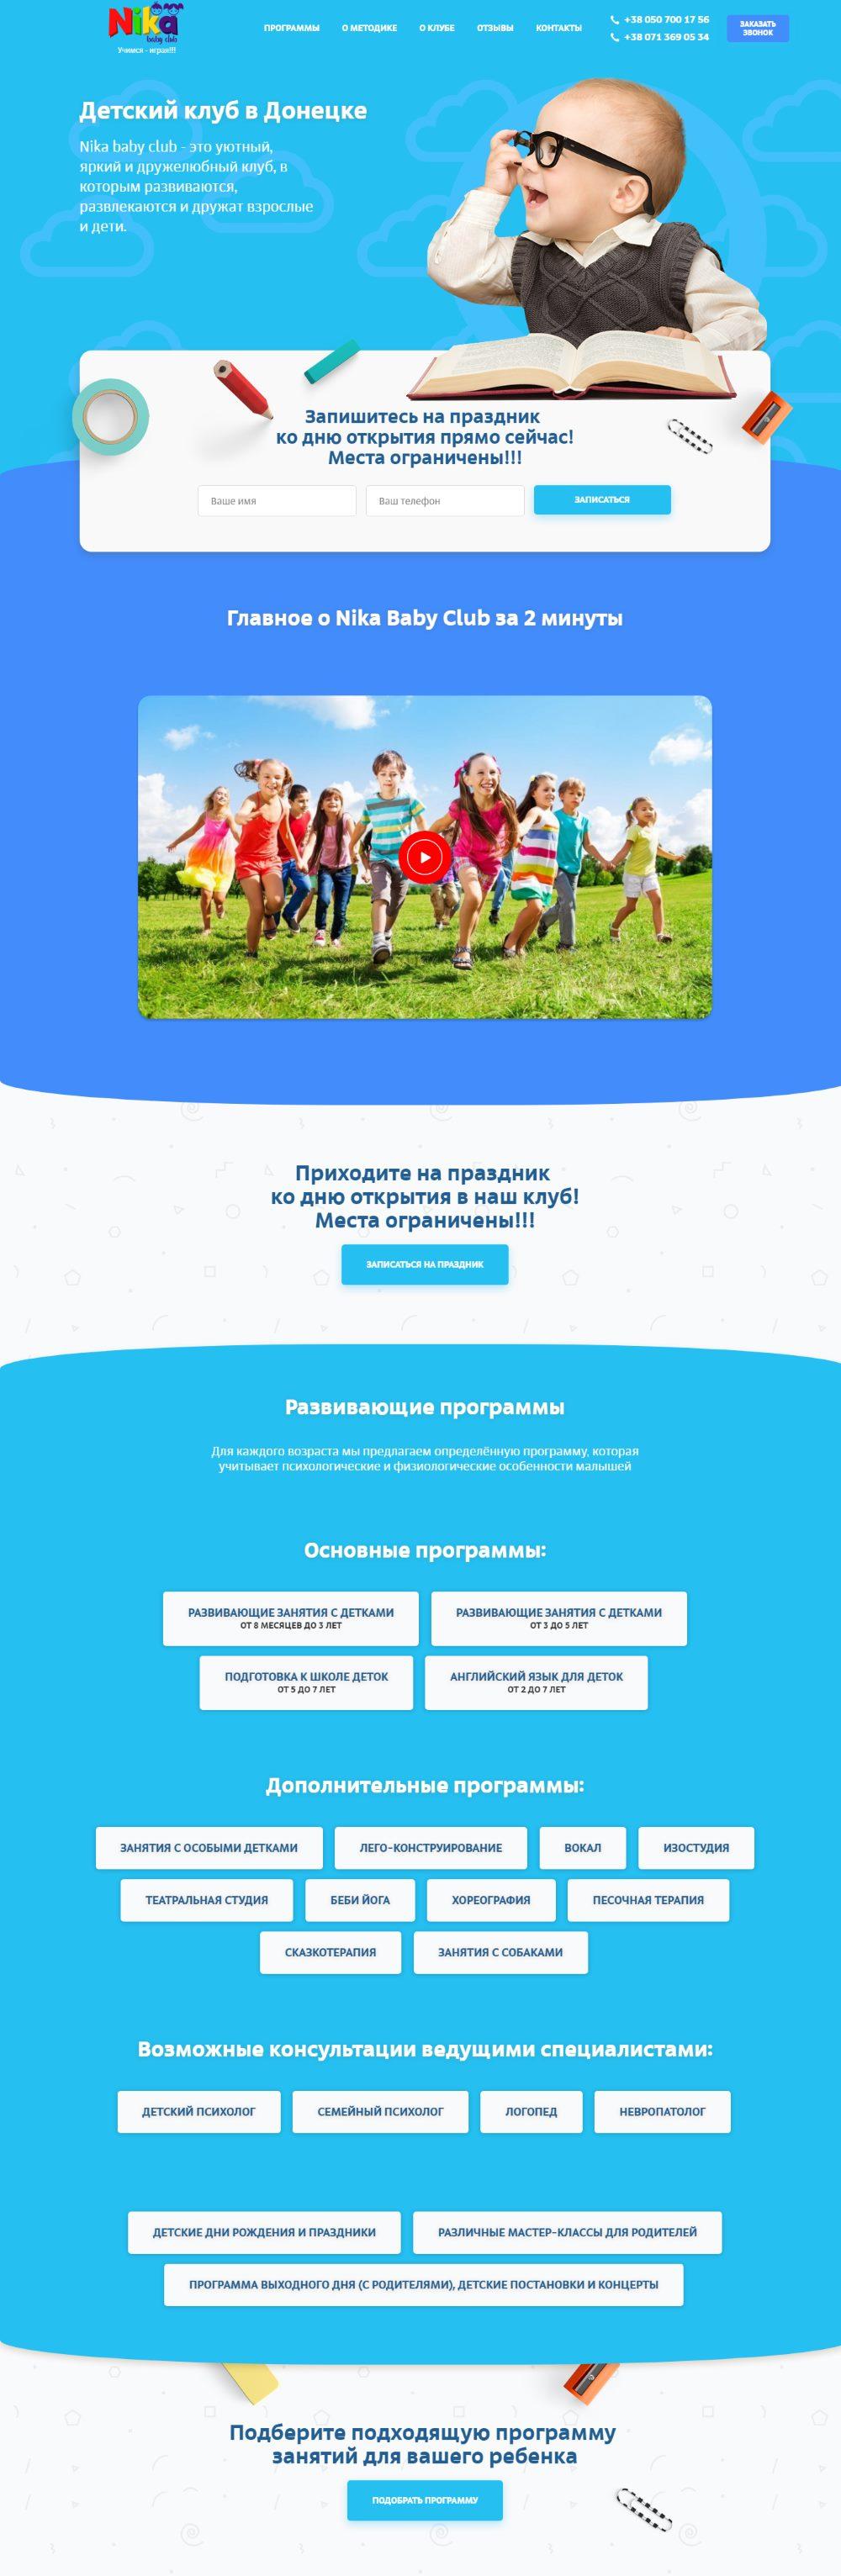 Создание лендинга для детского клуба в Донецке